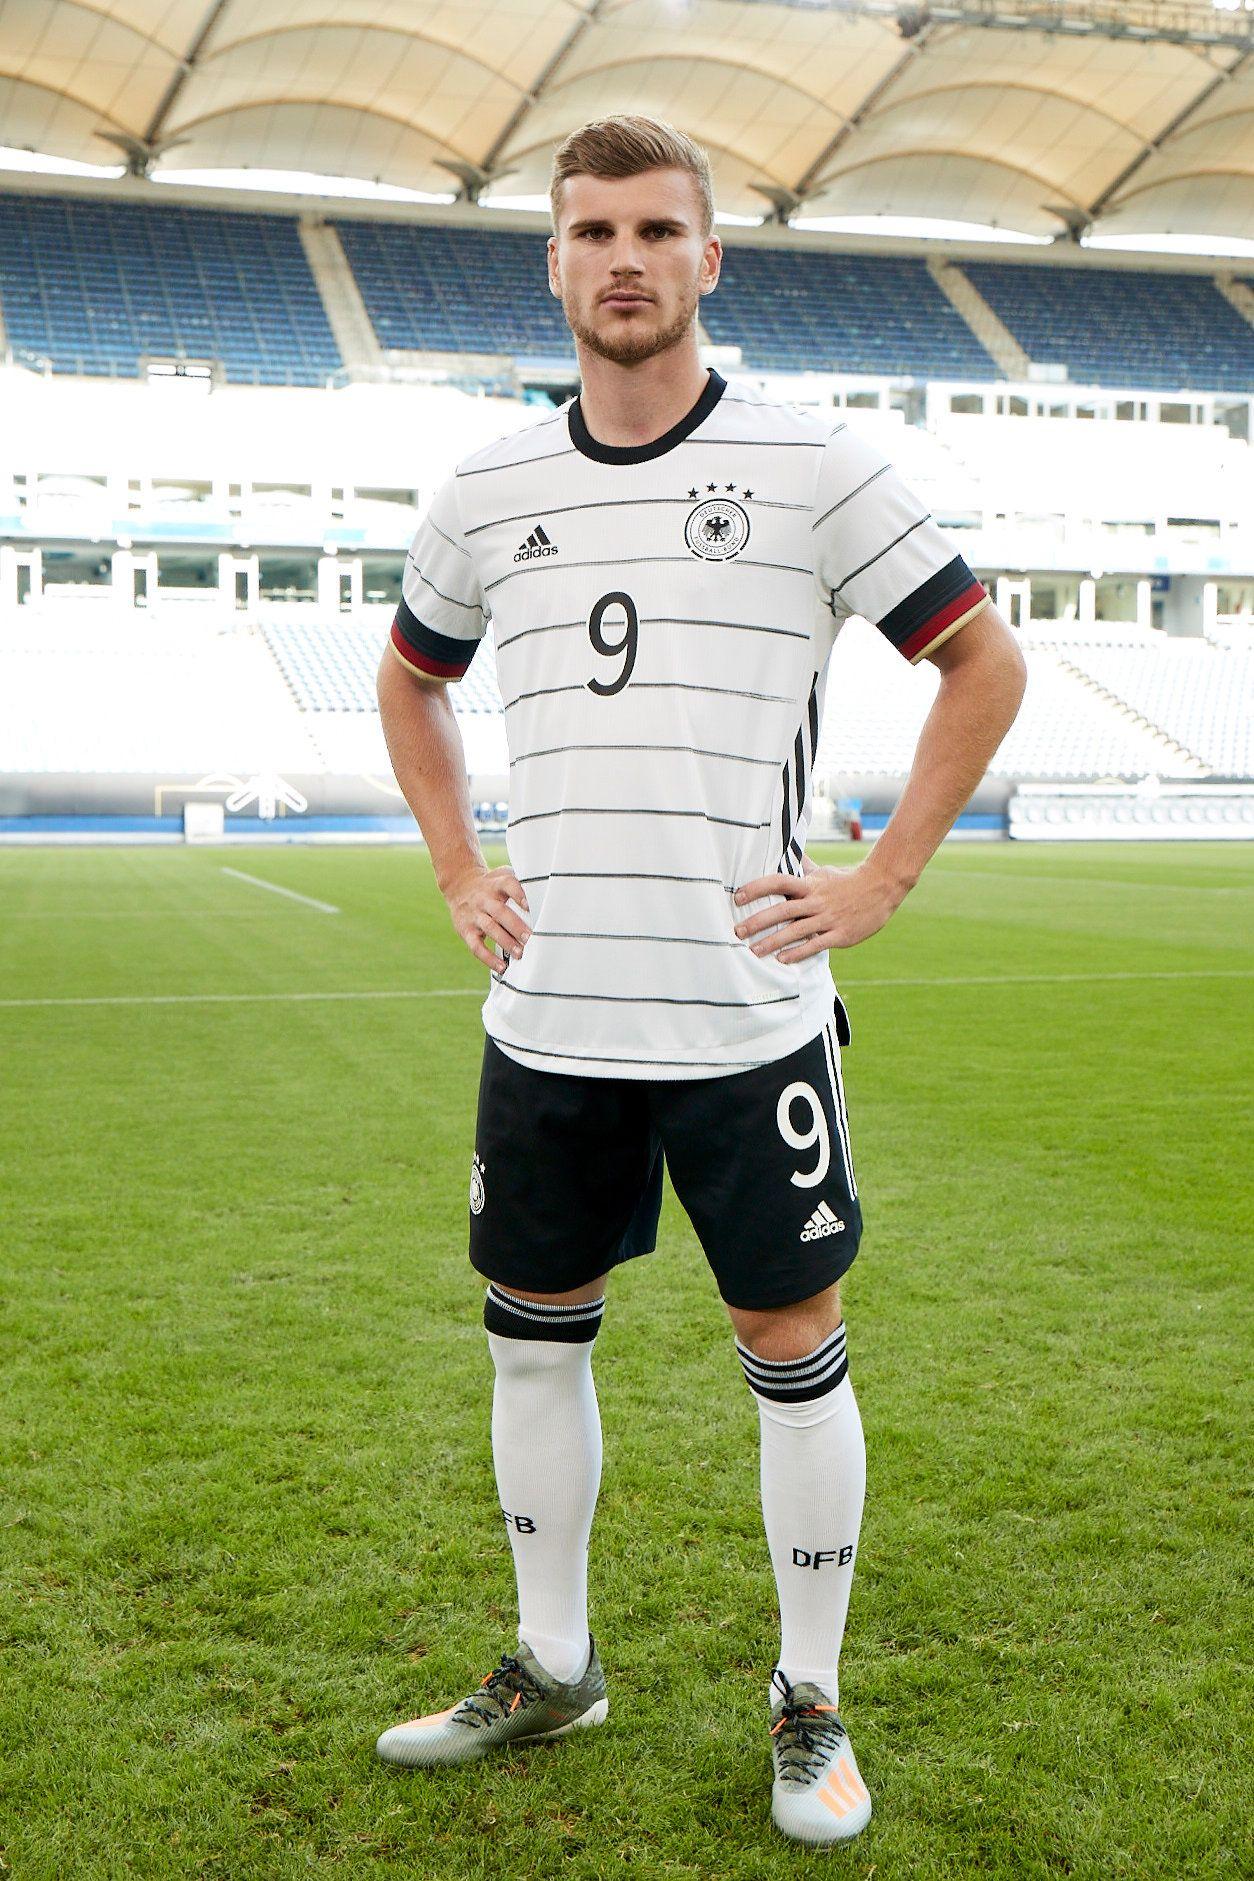 Neues Trikot der Nationalmannschaft / Timo Werner